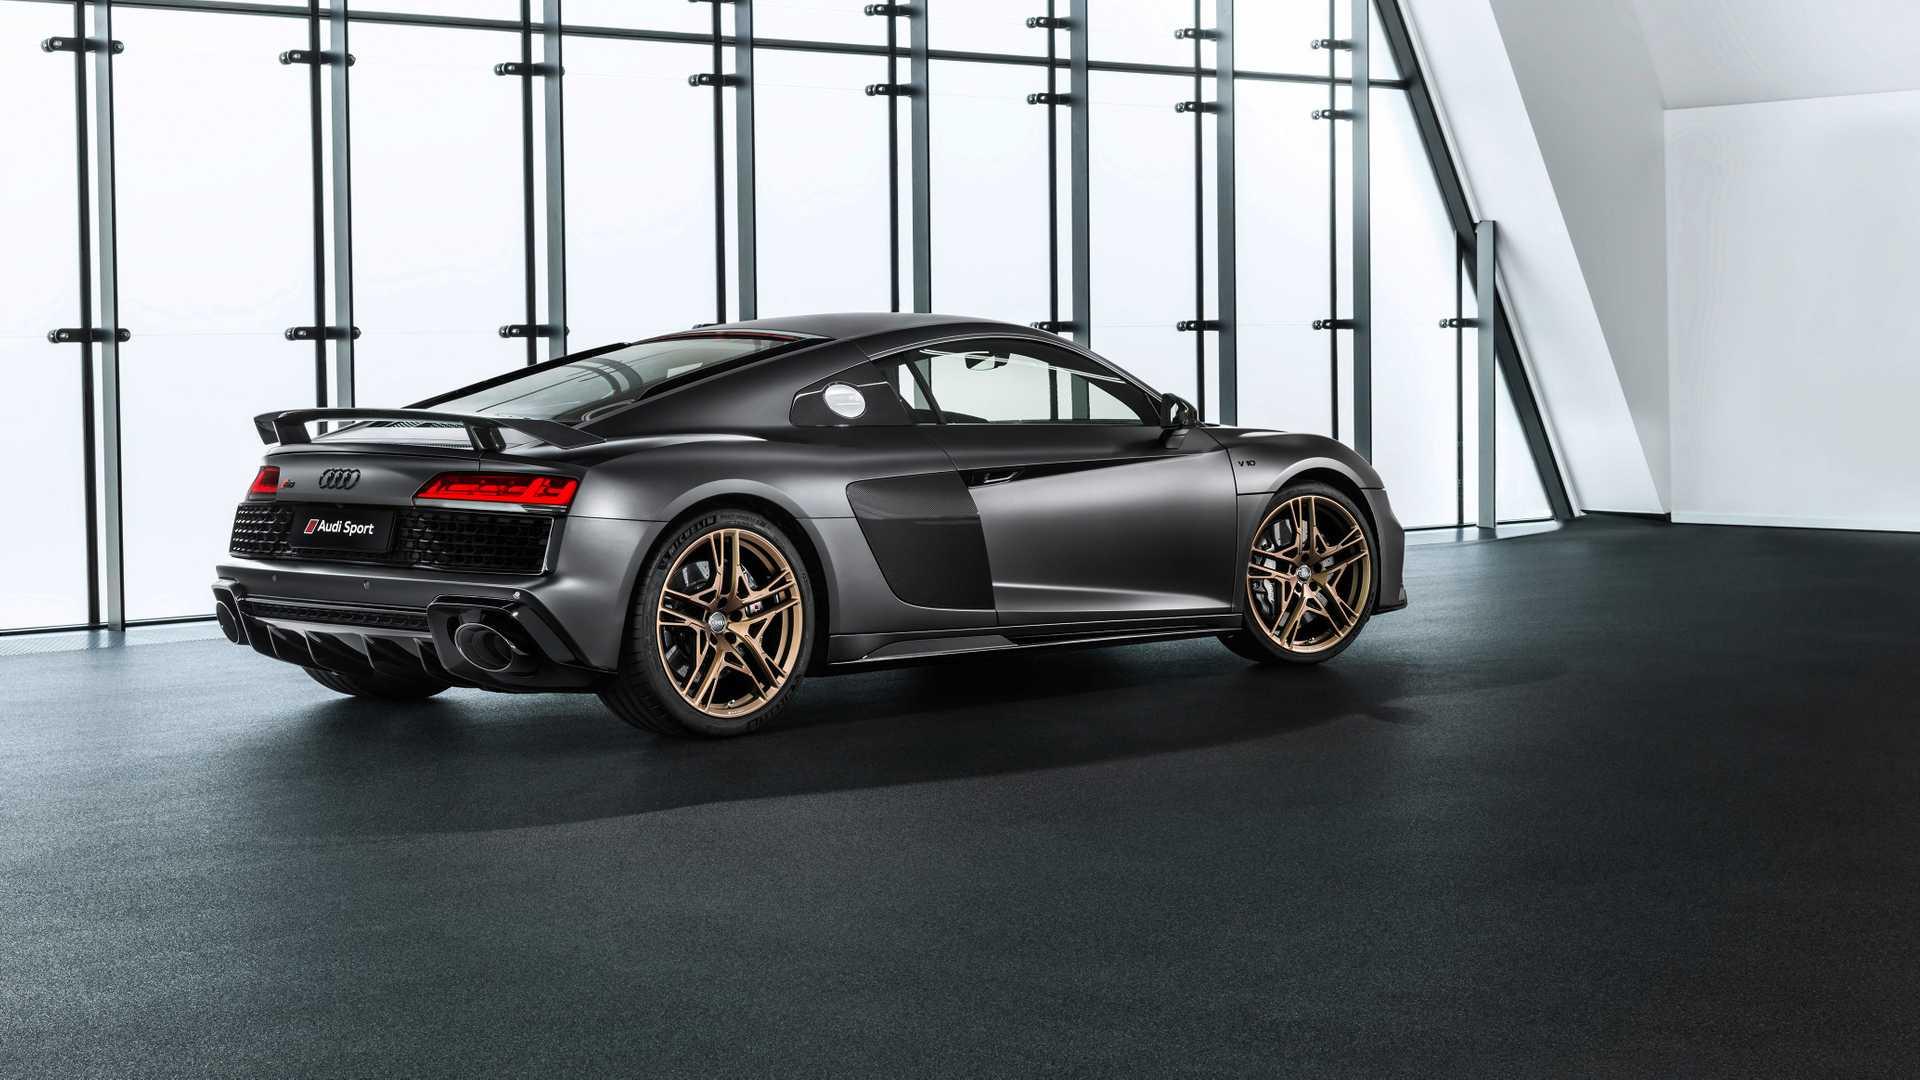 Audi R8 Decennium Celebrates A Decade Of V10 Power Autoevolution